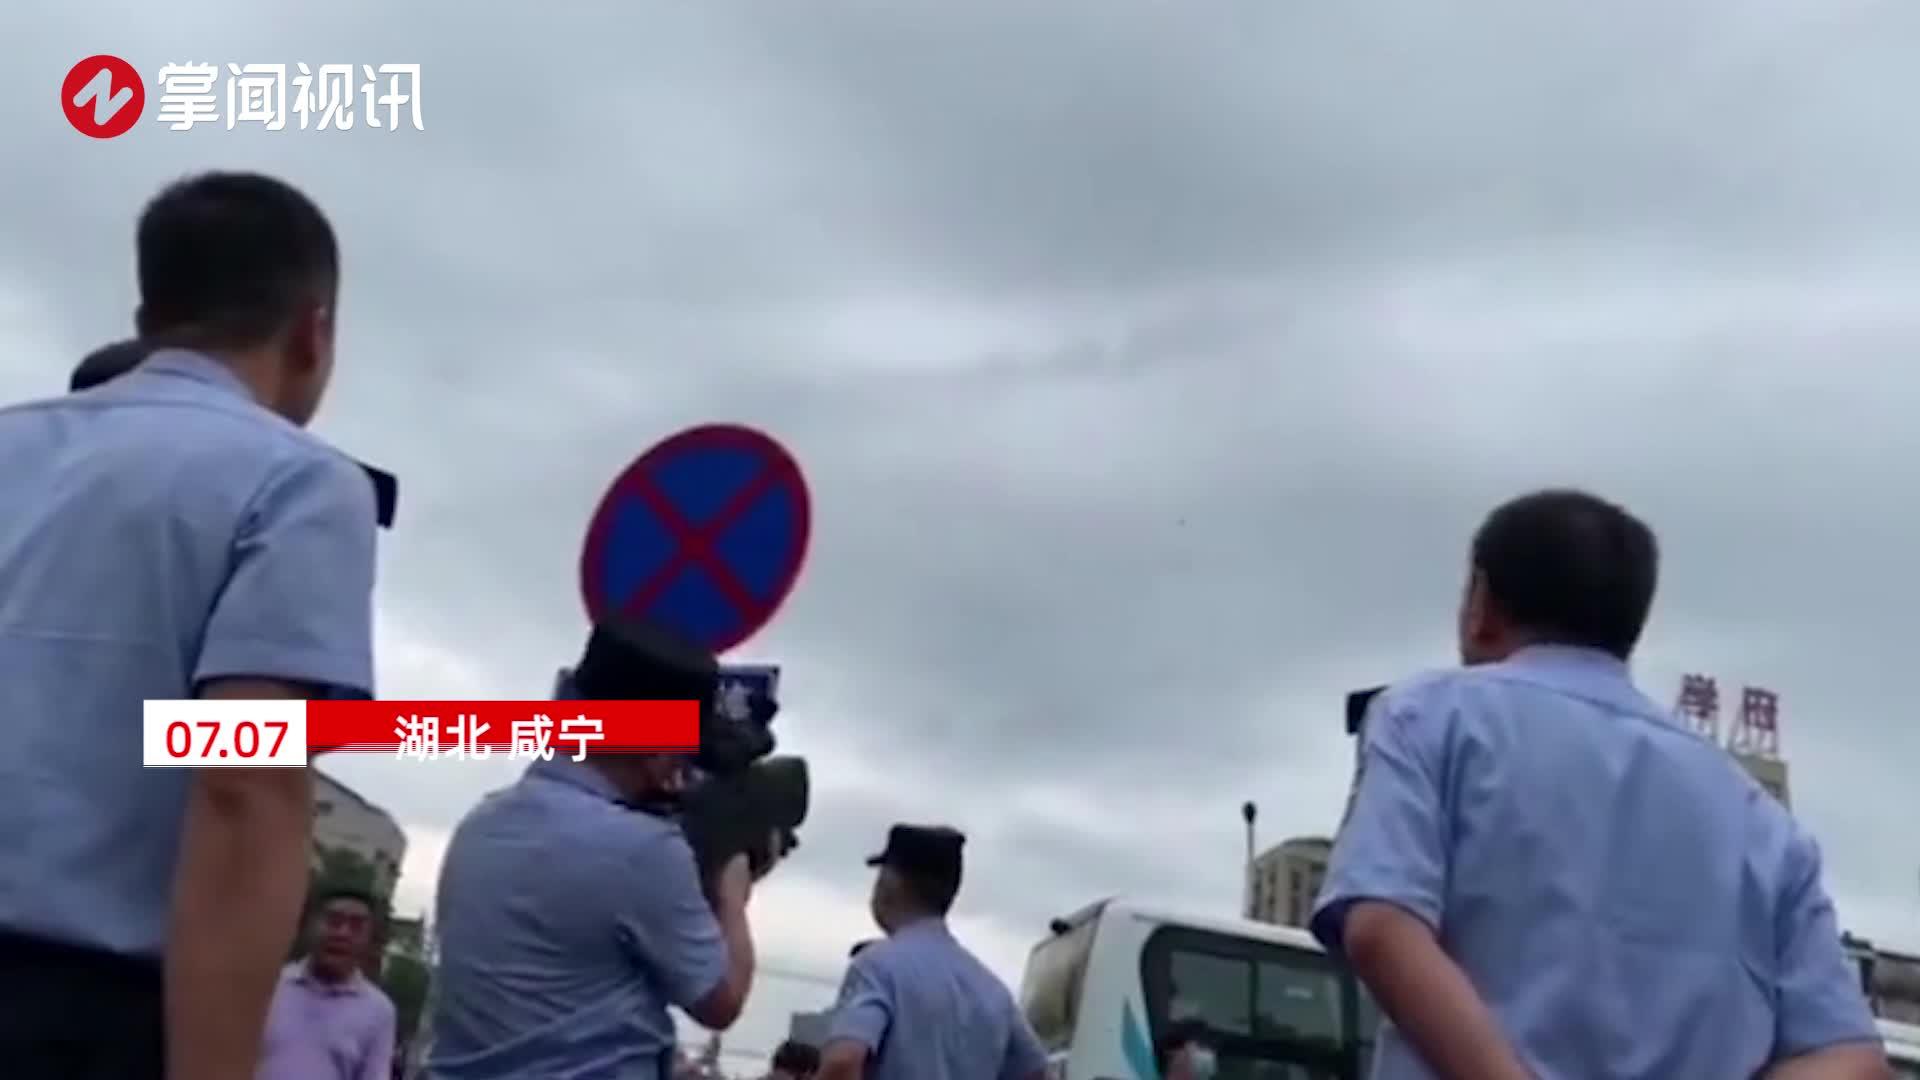 考场上空发现一架无人机!巡防民警反制枪予以驱离迫降